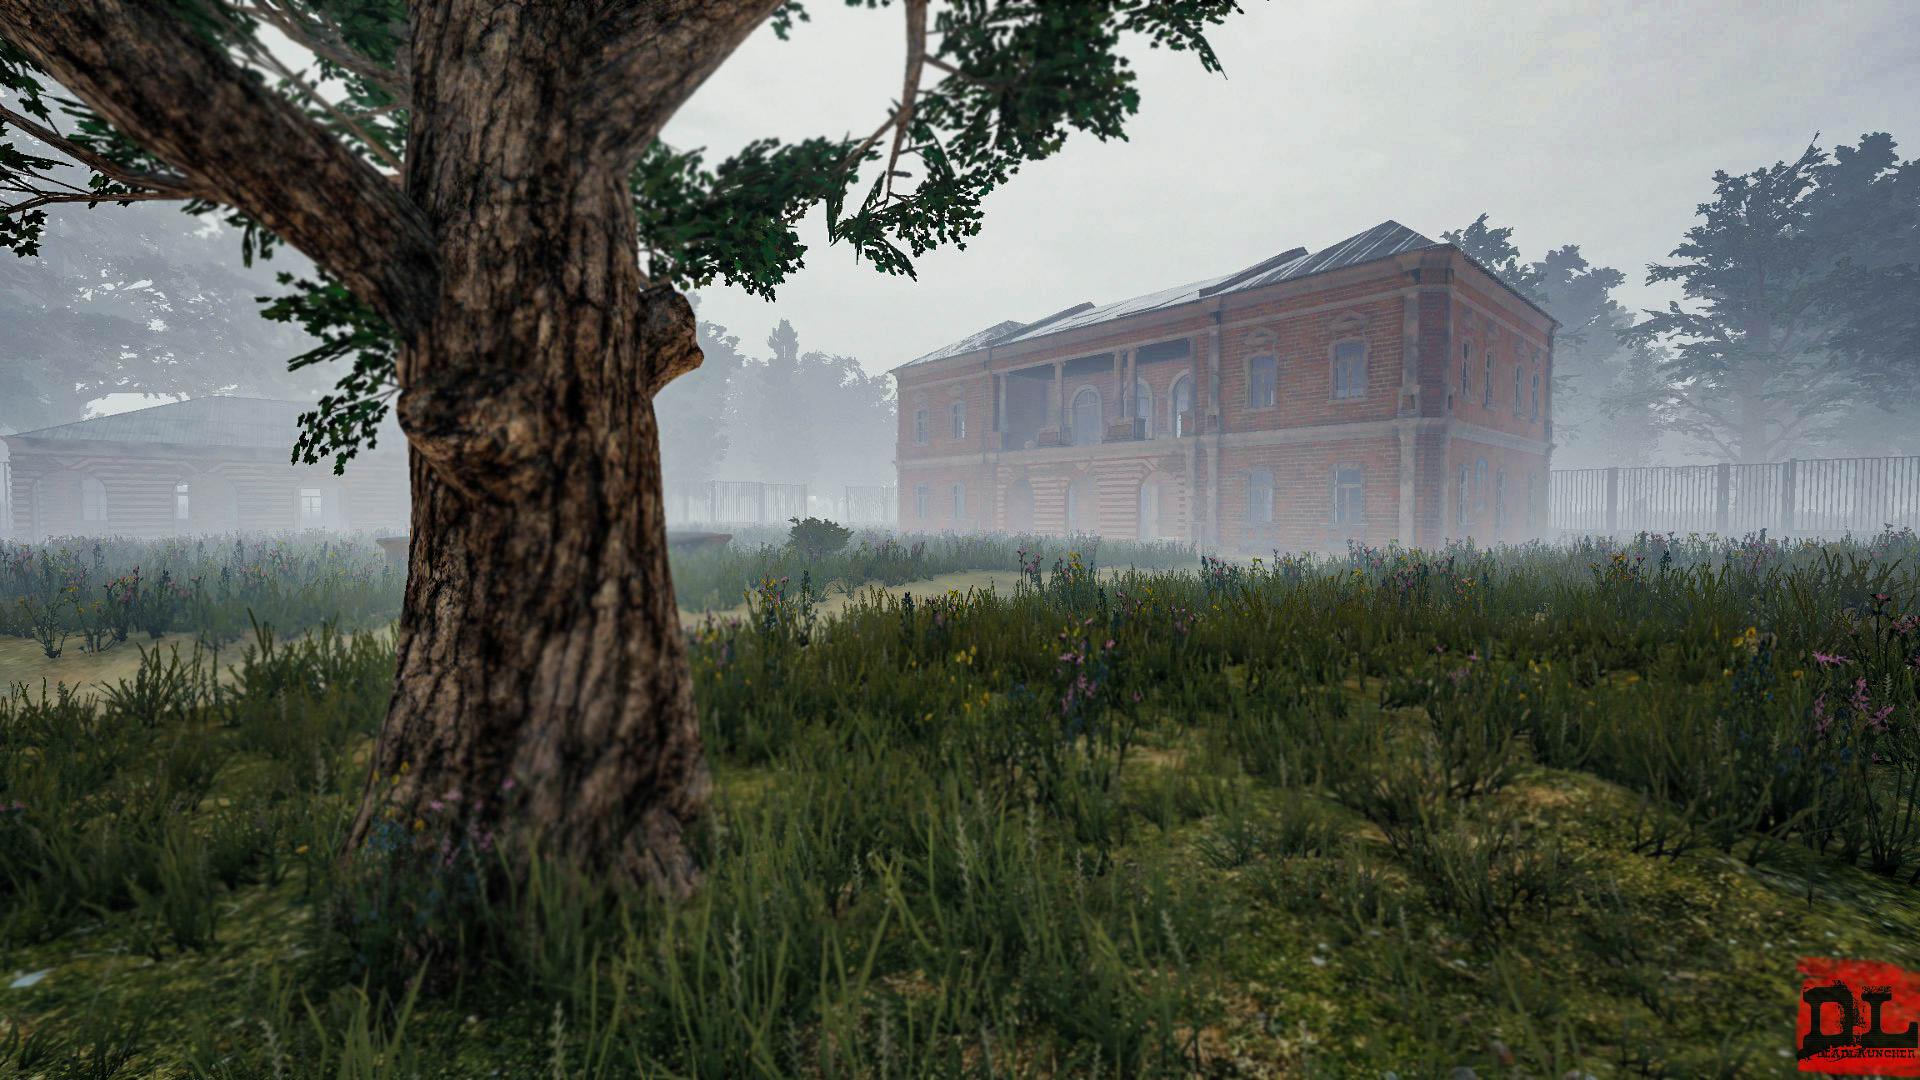 Особняк в тумане - PlayerUnknown's Battlegrounds Туман